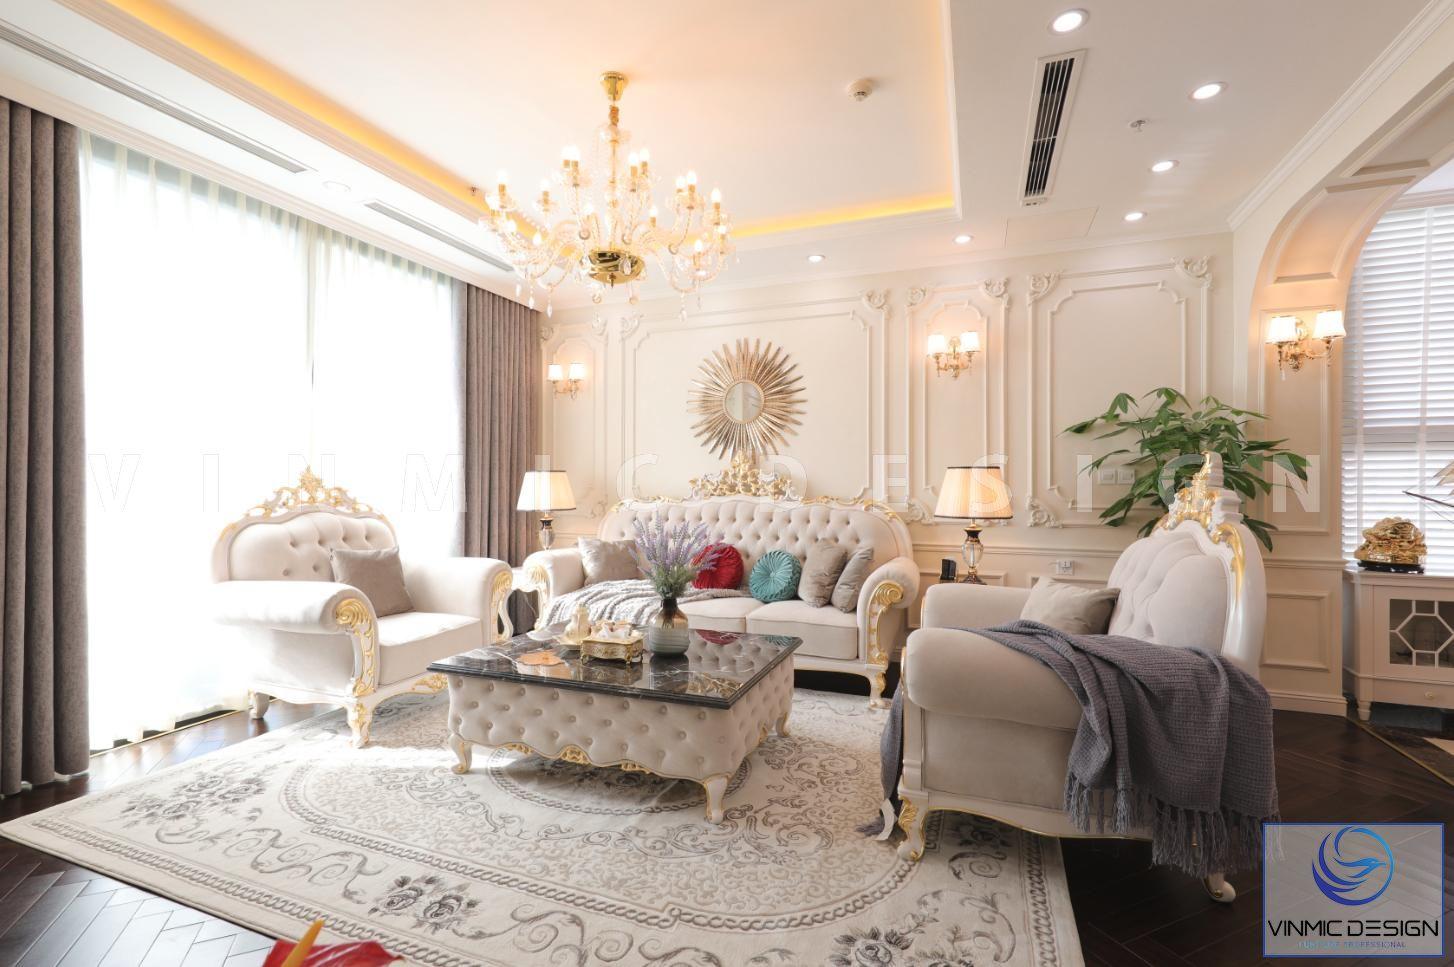 Thi công nội thất với bộ sofa tân cổ điển sang trọng tại biệt thự Vinhomes Green Bay Mộc Lan